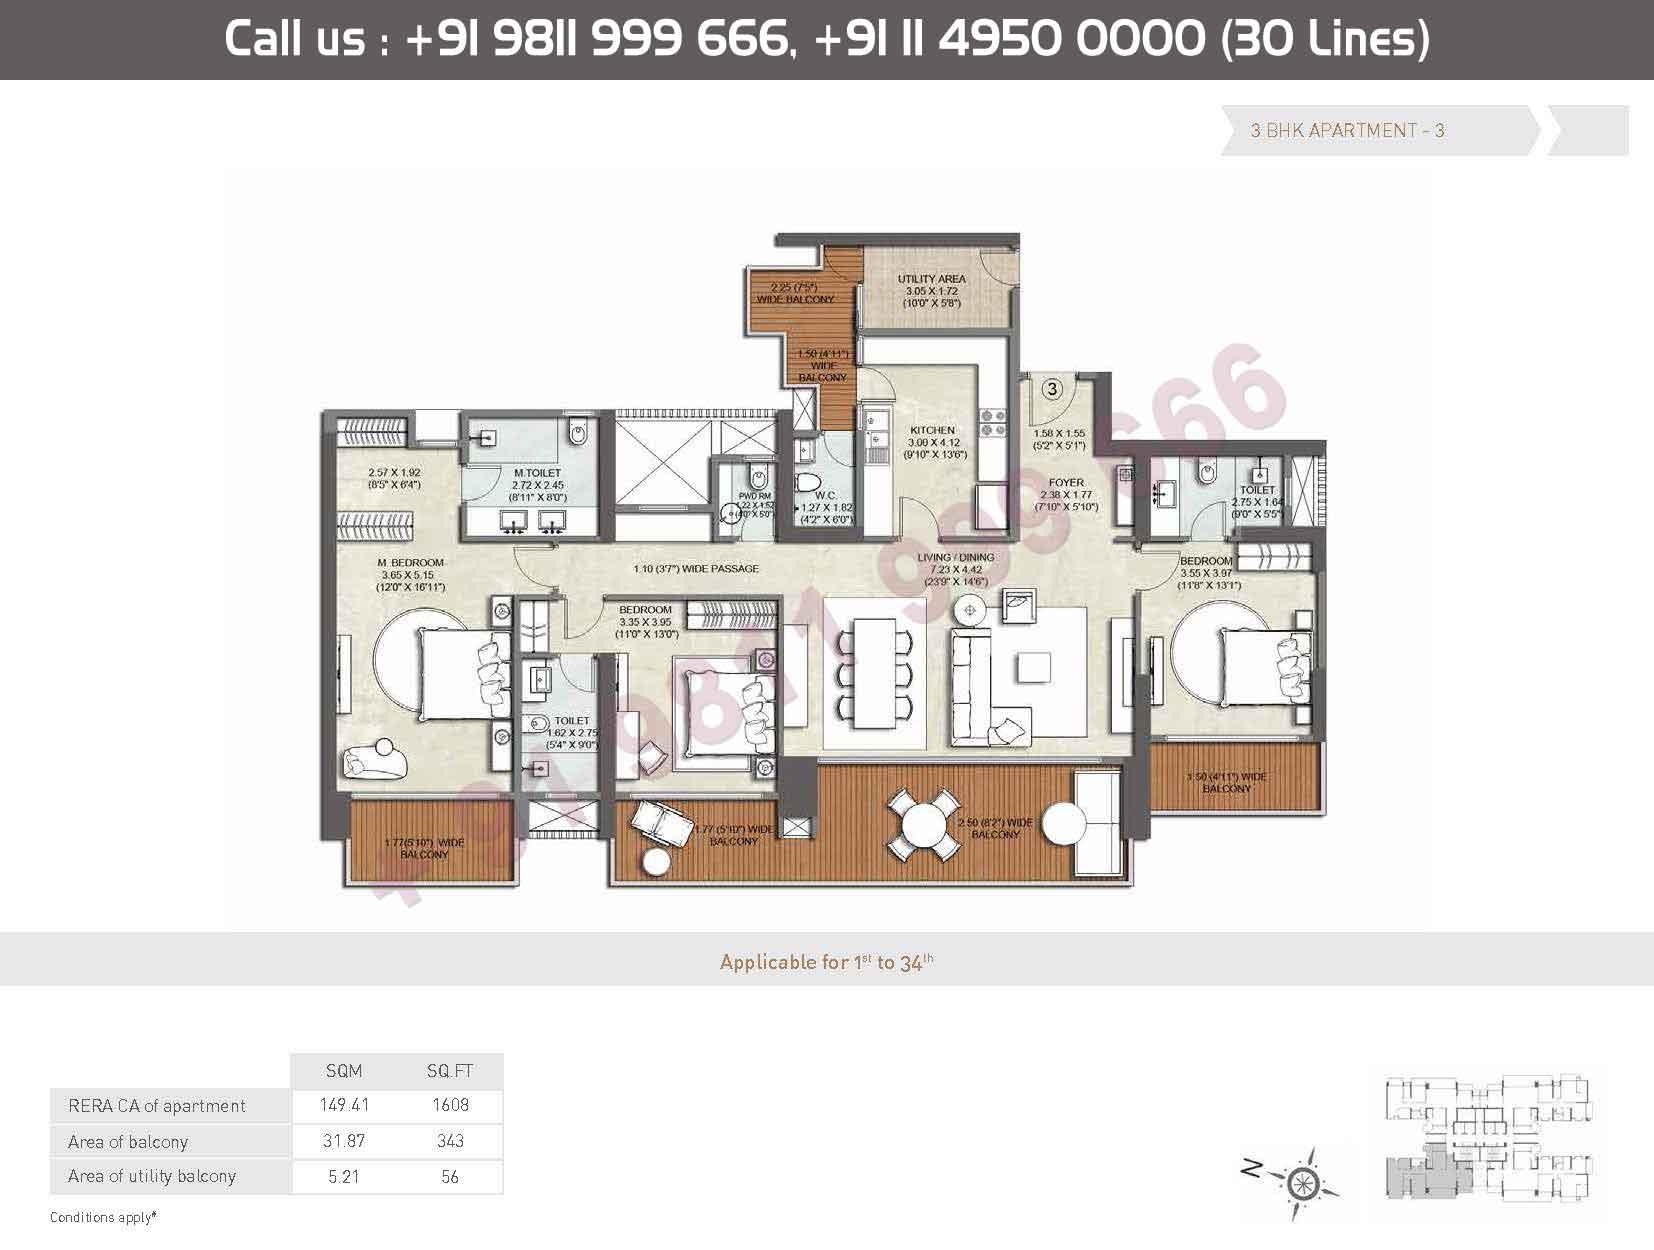 Apartments - 3 : 1608 Sq. Ft.